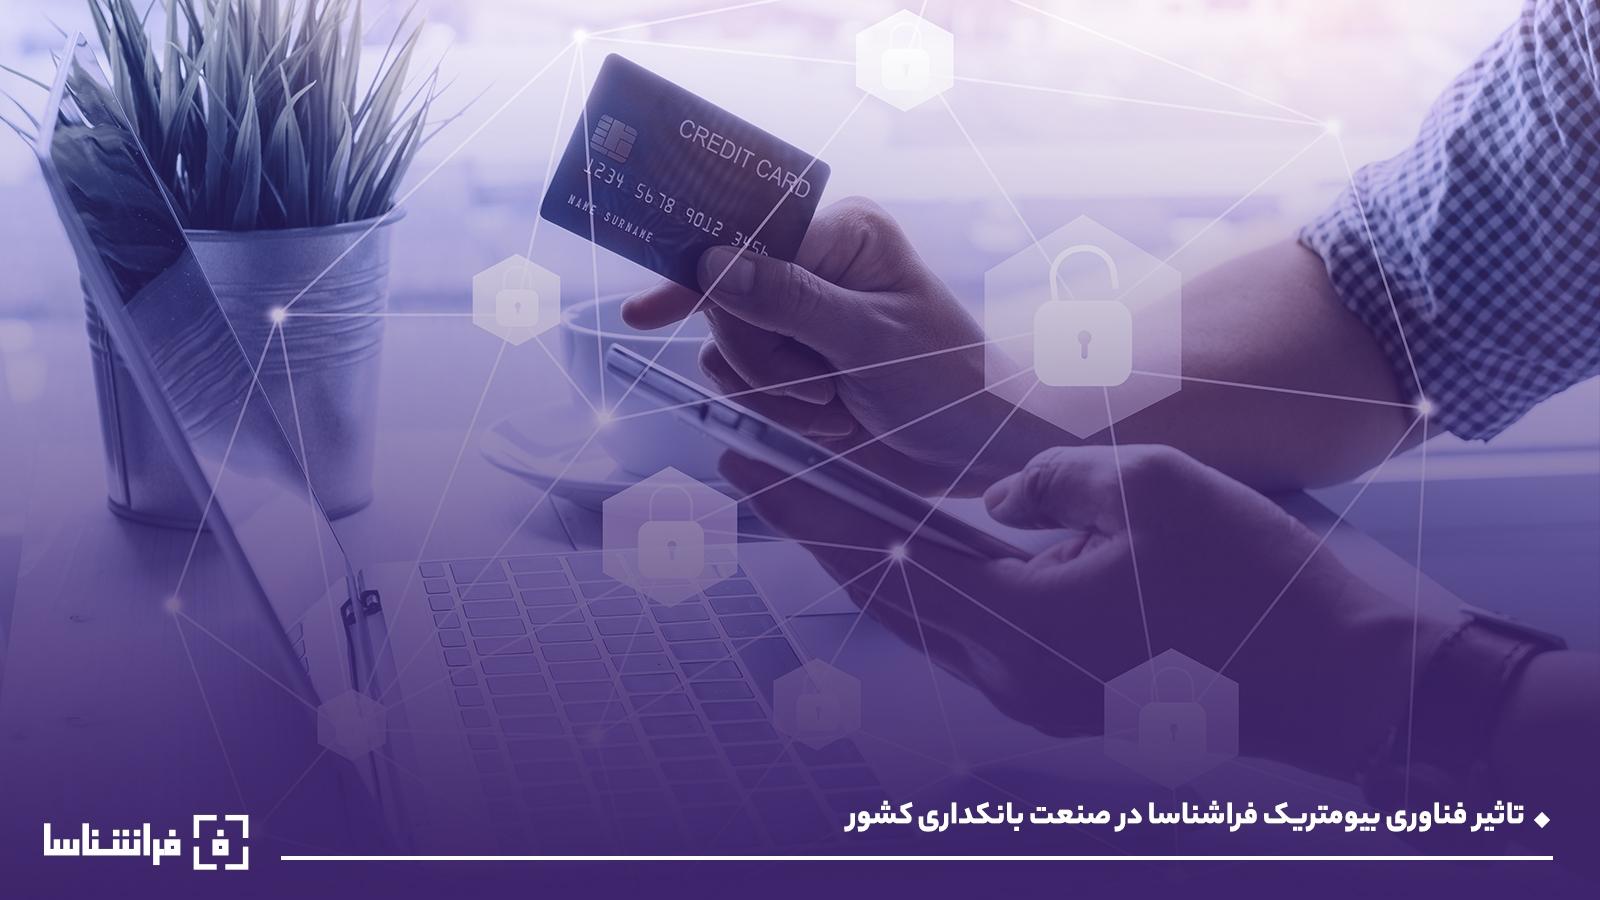 تاثیر فناوری بیومتریک فراشناسا در صنعت بانکداری کشور